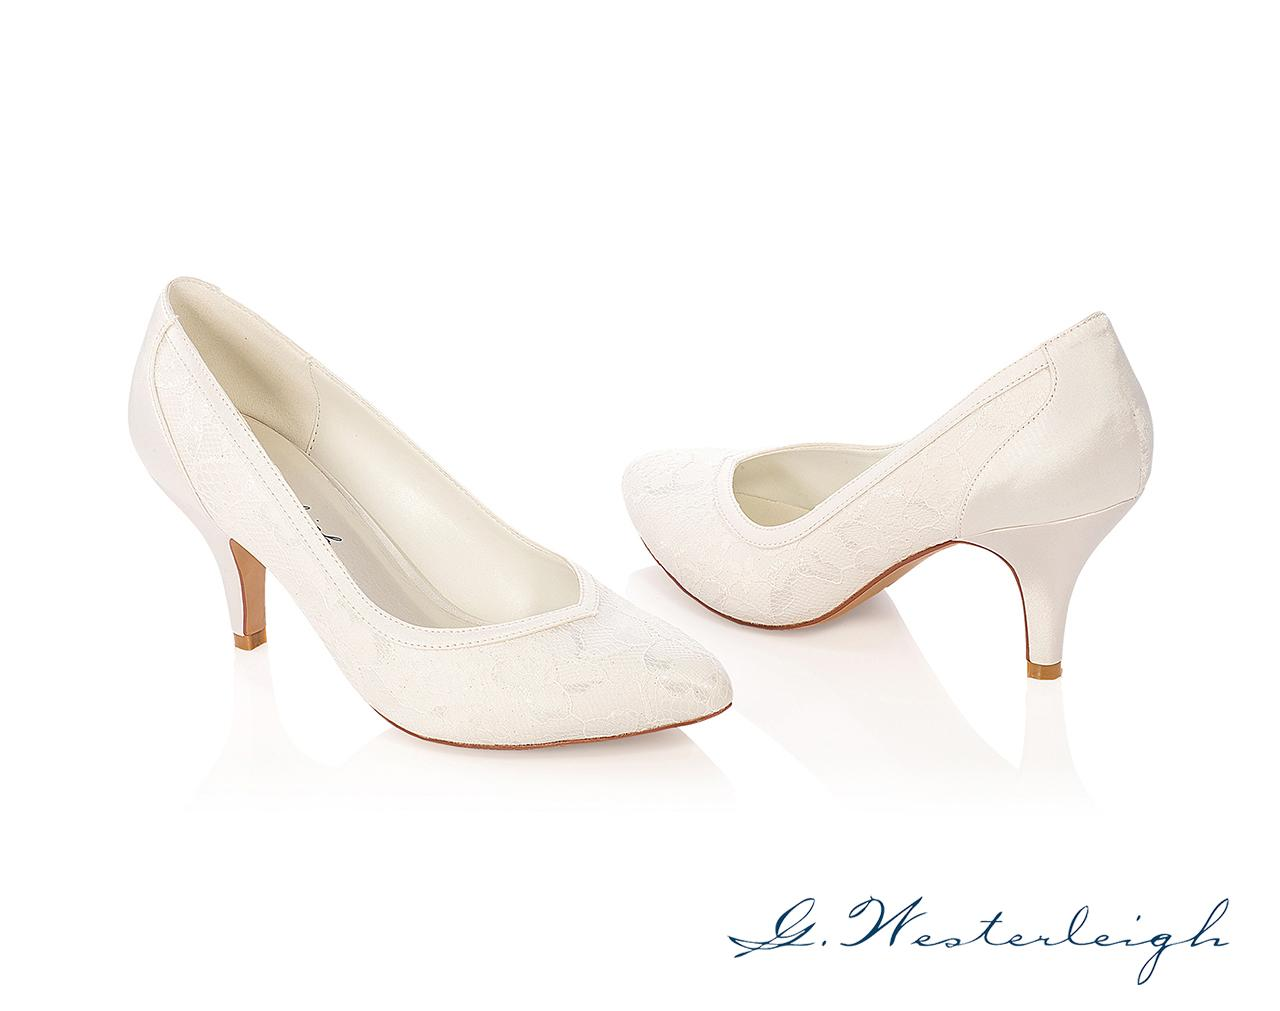 Svadobné topánky Grace - Obrázok č. 1